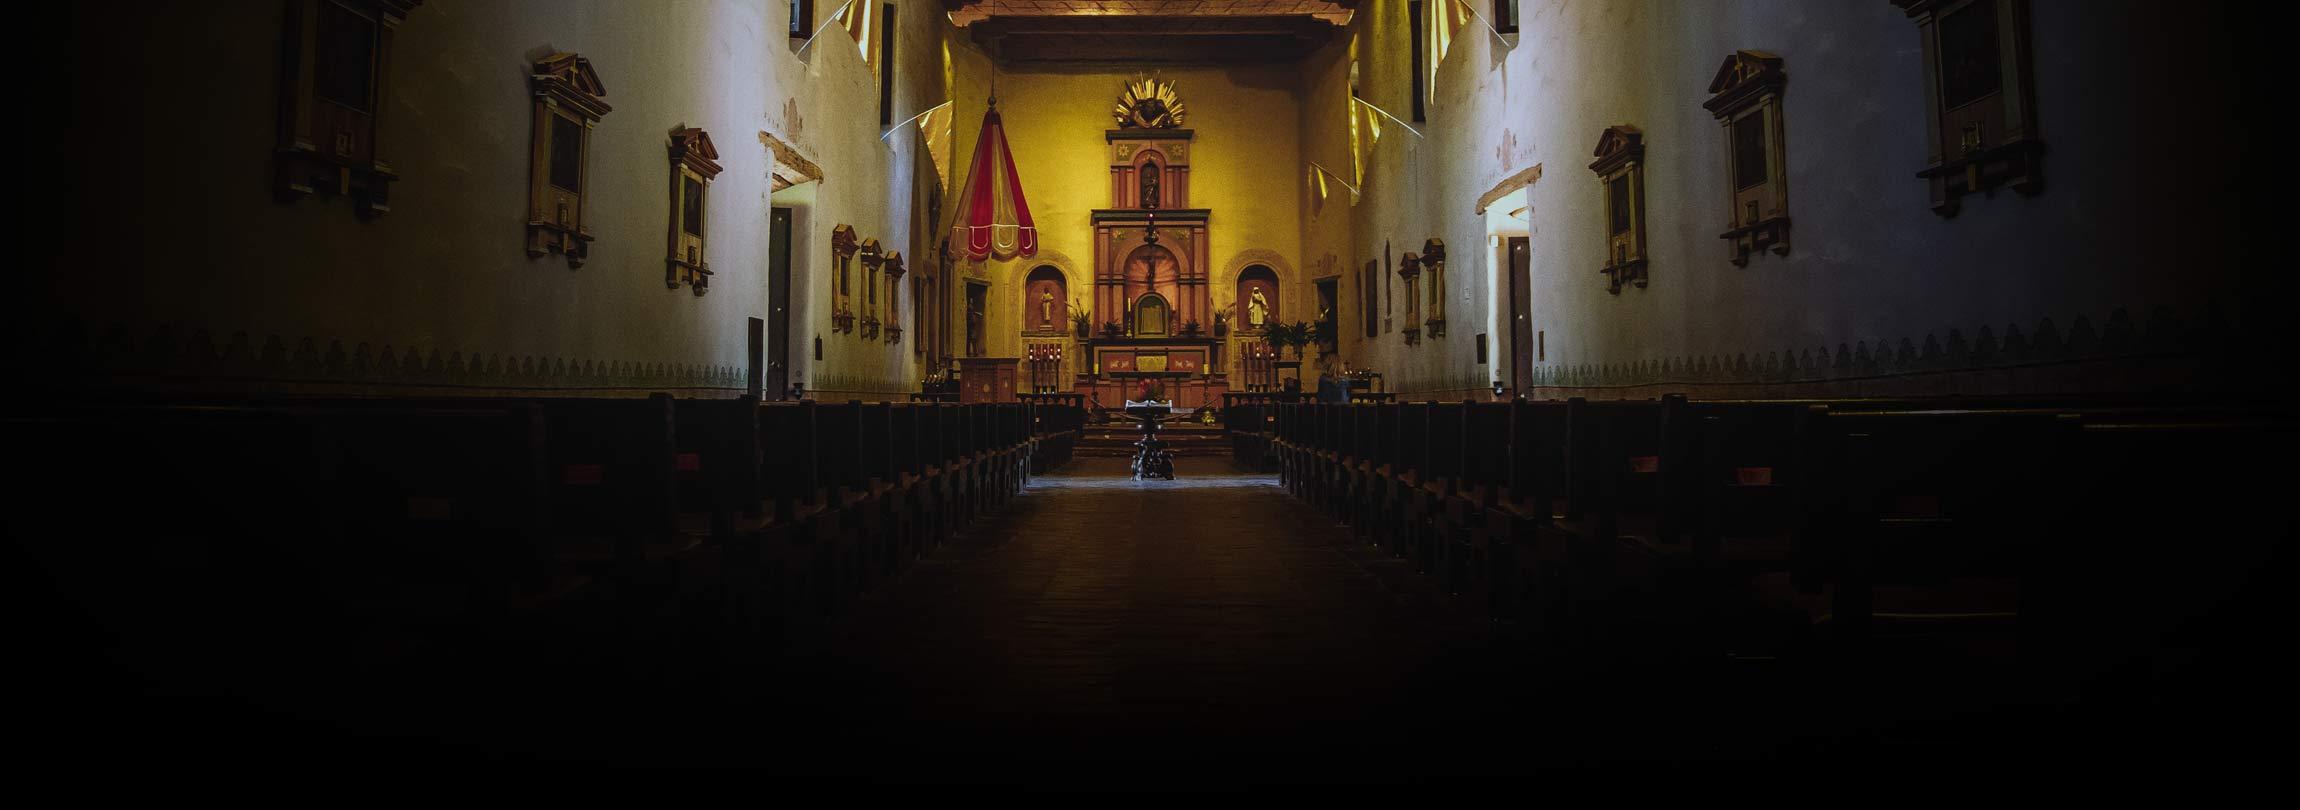 Quão sagrada é uma igreja? Pergunte aos demônios!